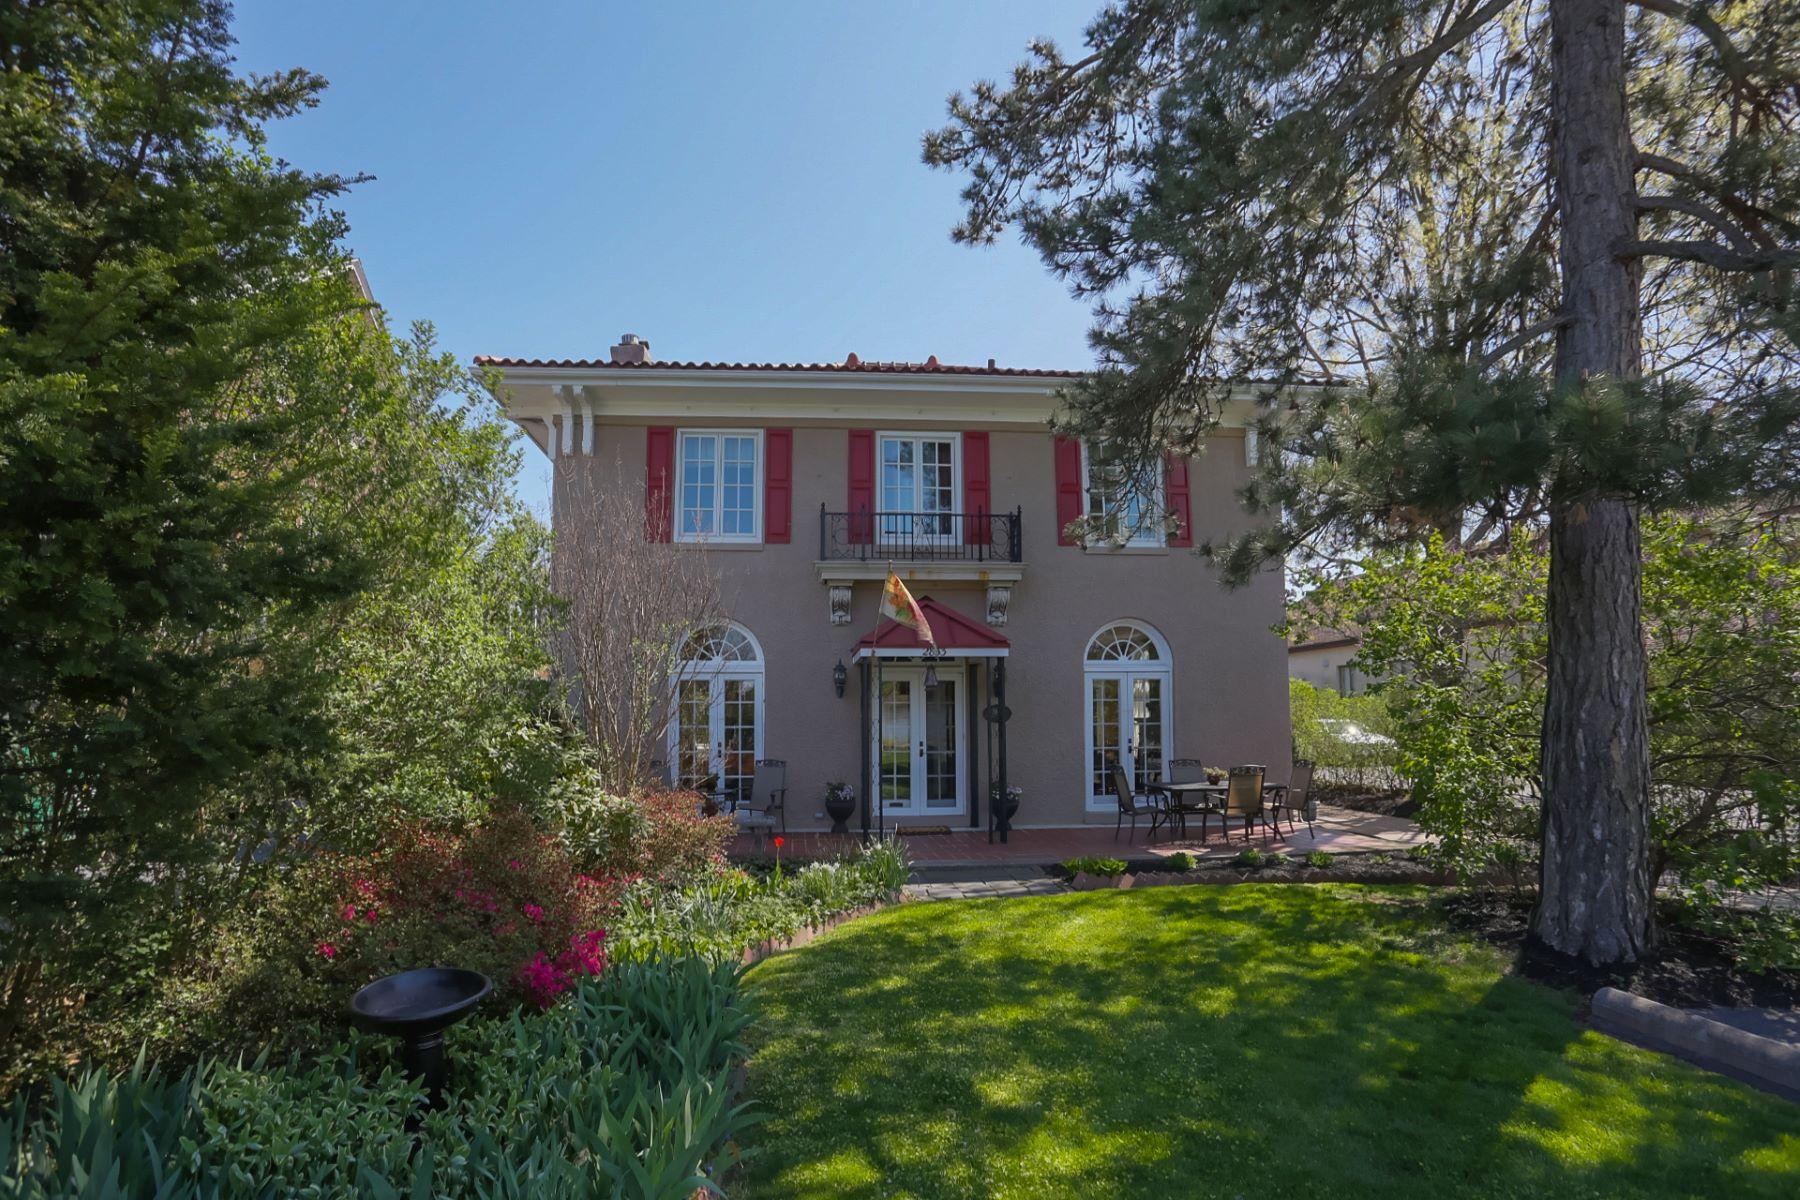 Maison unifamiliale pour l Vente à 2833 North Front Street Harrisburg, Pennsylvanie 17110 États-Unis